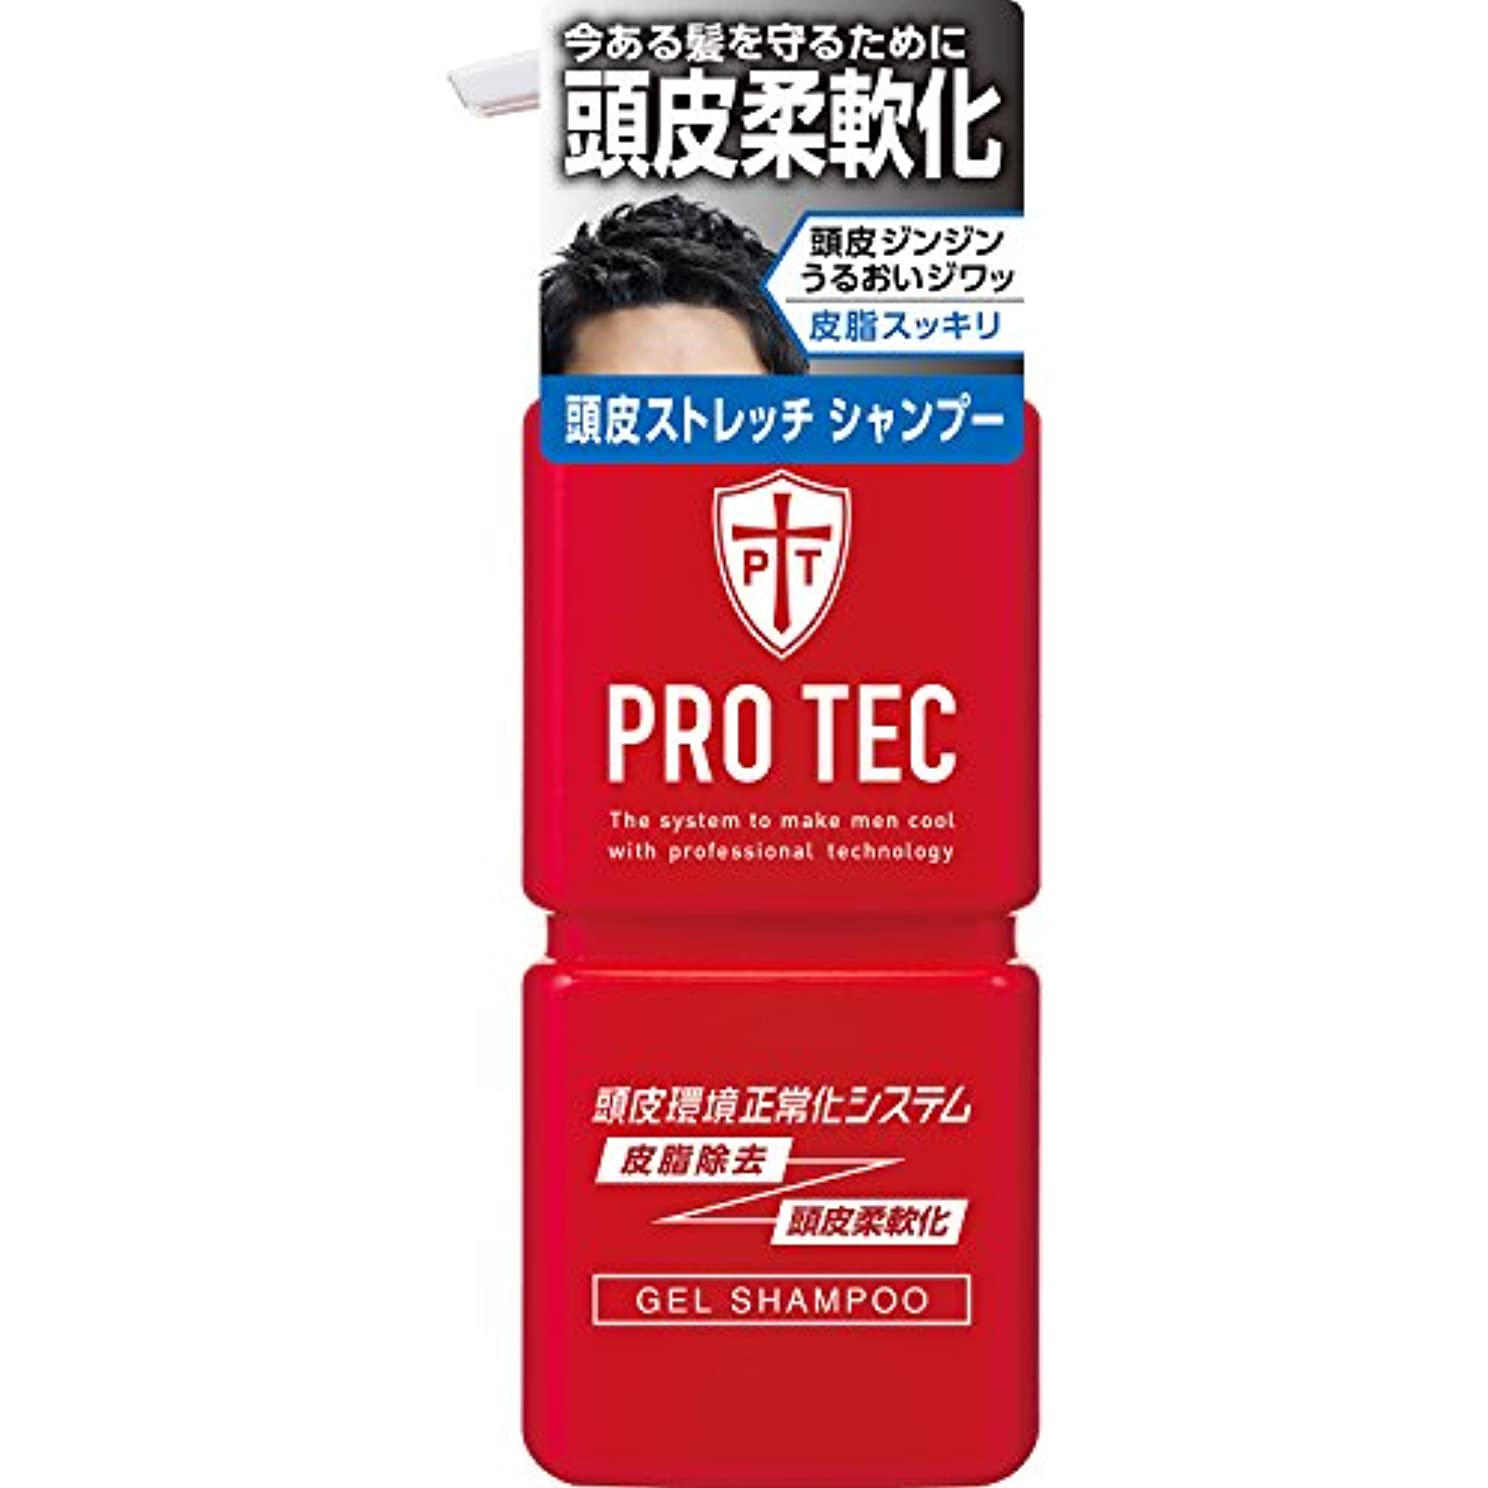 帝国水っぽい令状PRO TEC(プロテク) 頭皮ストレッチ シャンプー 本体ポンプ 300g(医薬部外品)